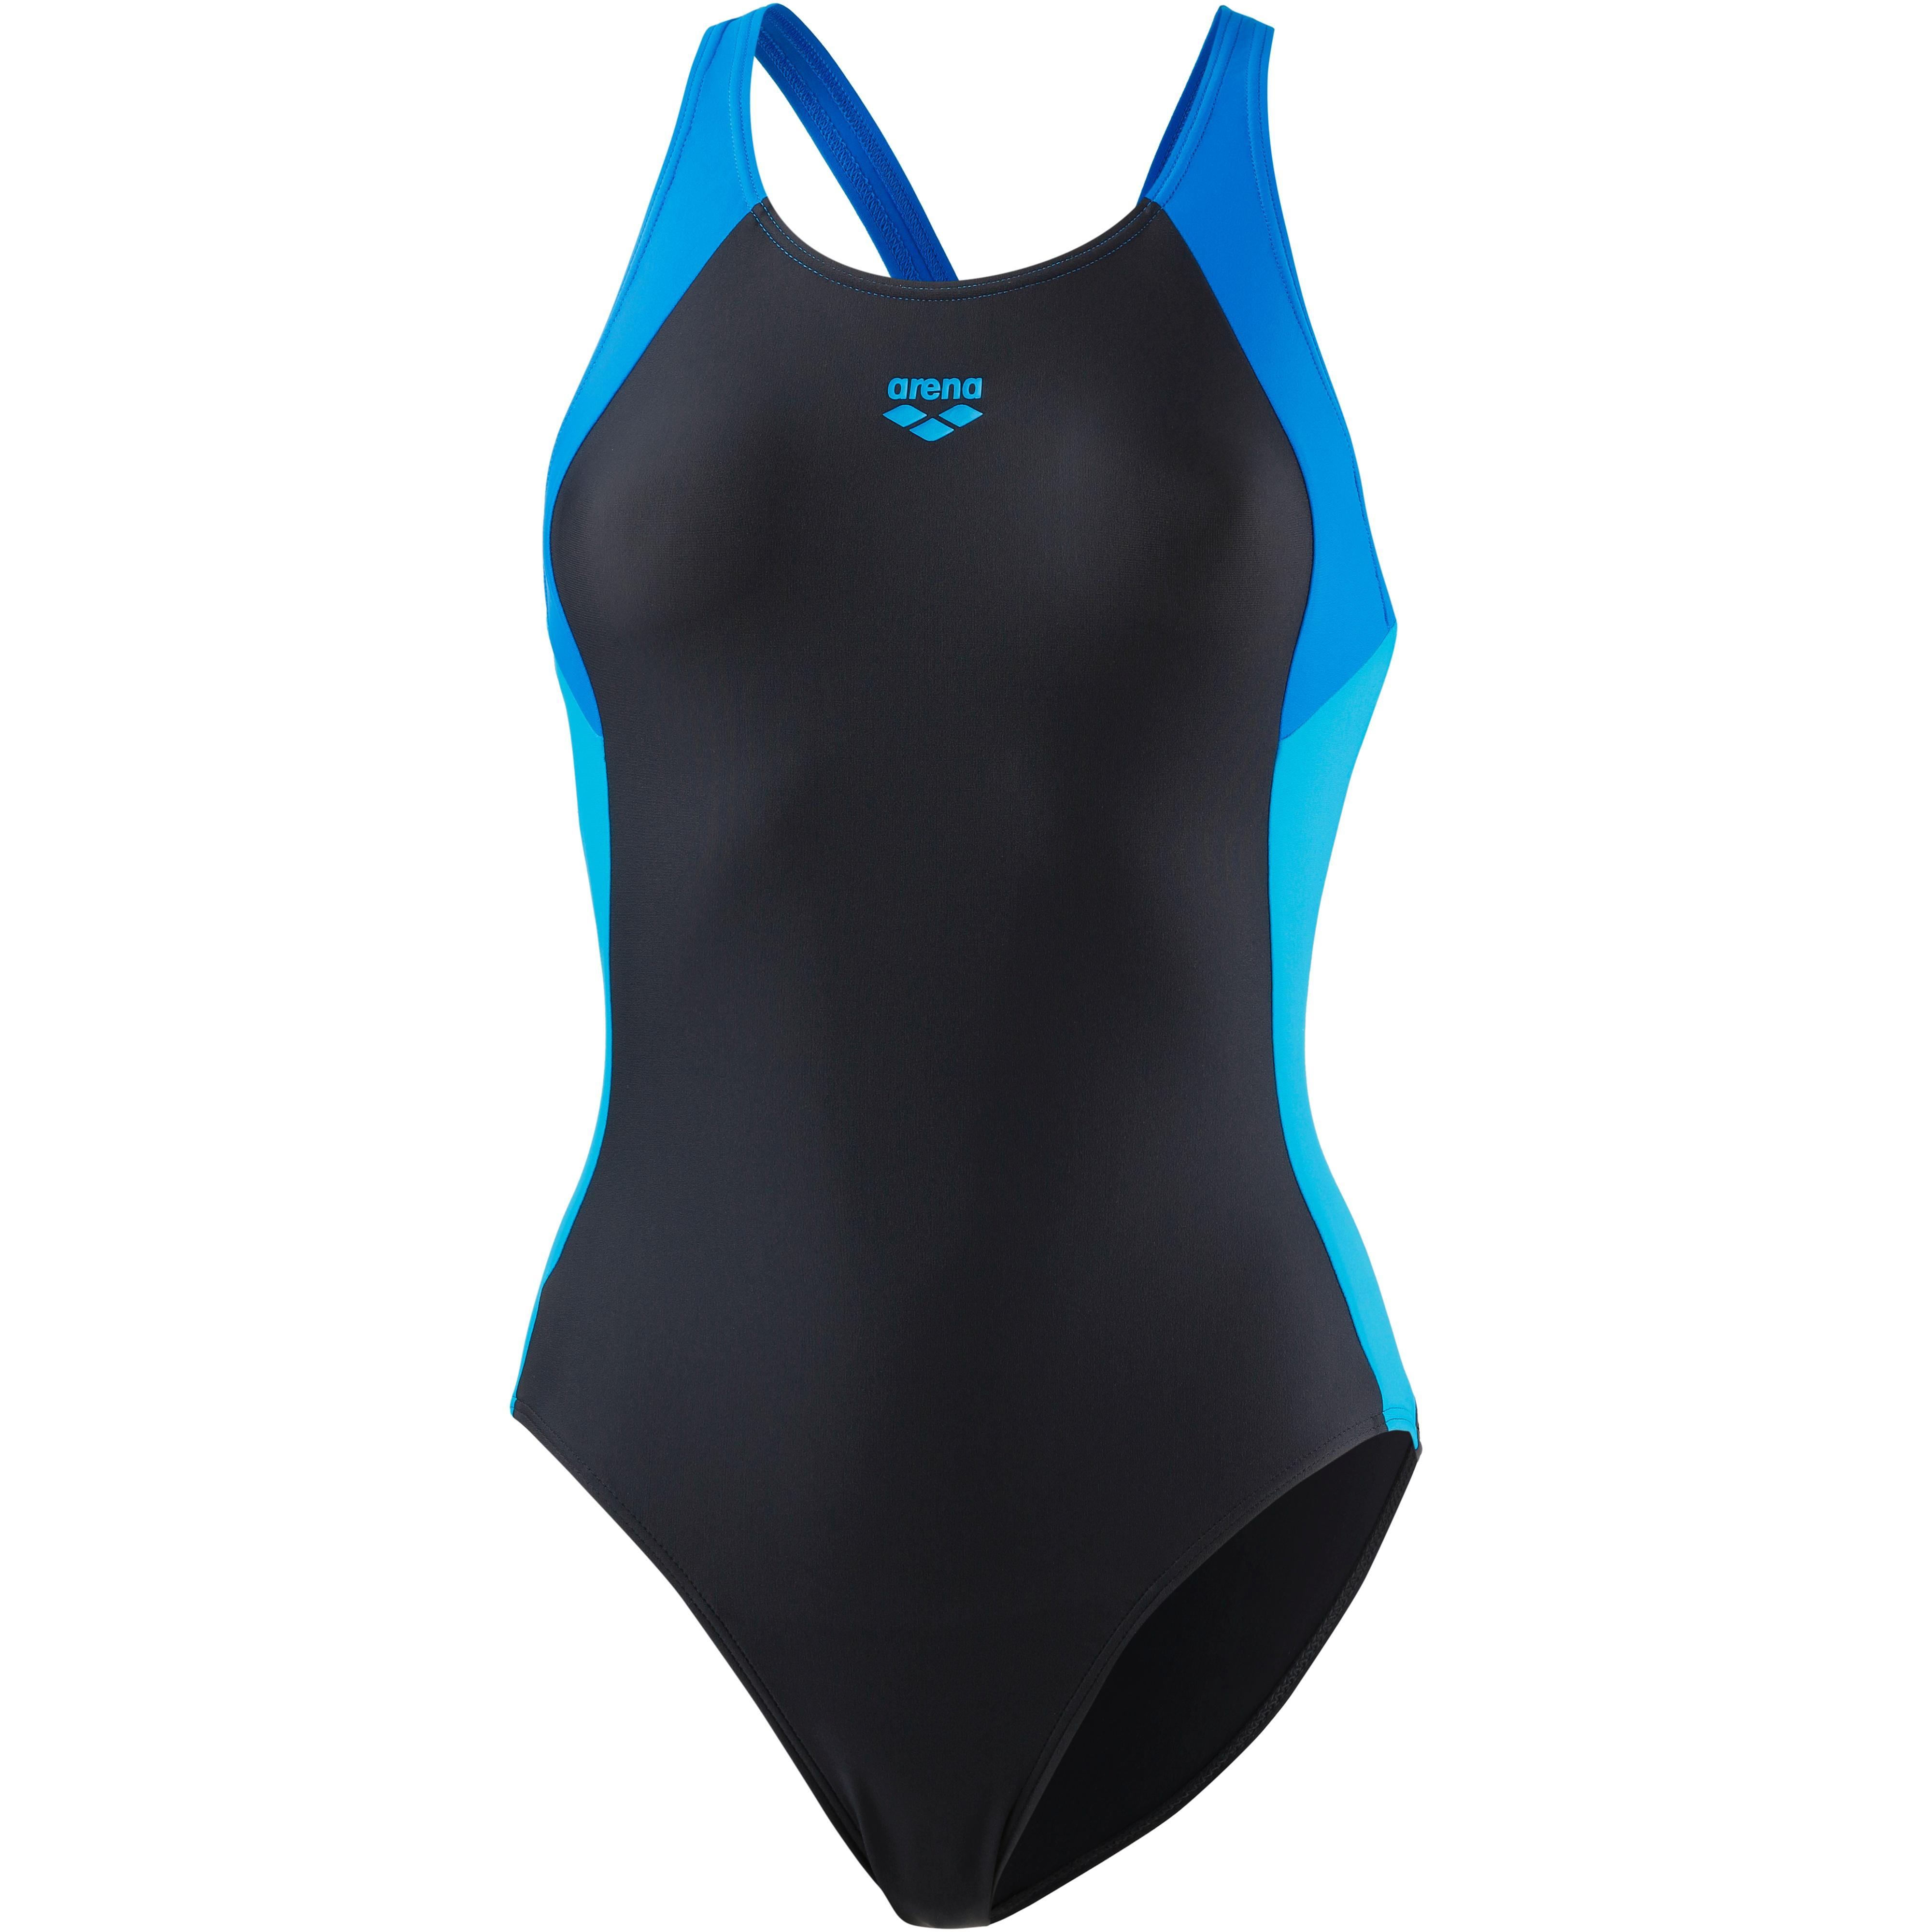 c8122b1fc8faf Arena Ren Badeanzug Damen schwarz-blau im Online Shop von SportScheck kaufen